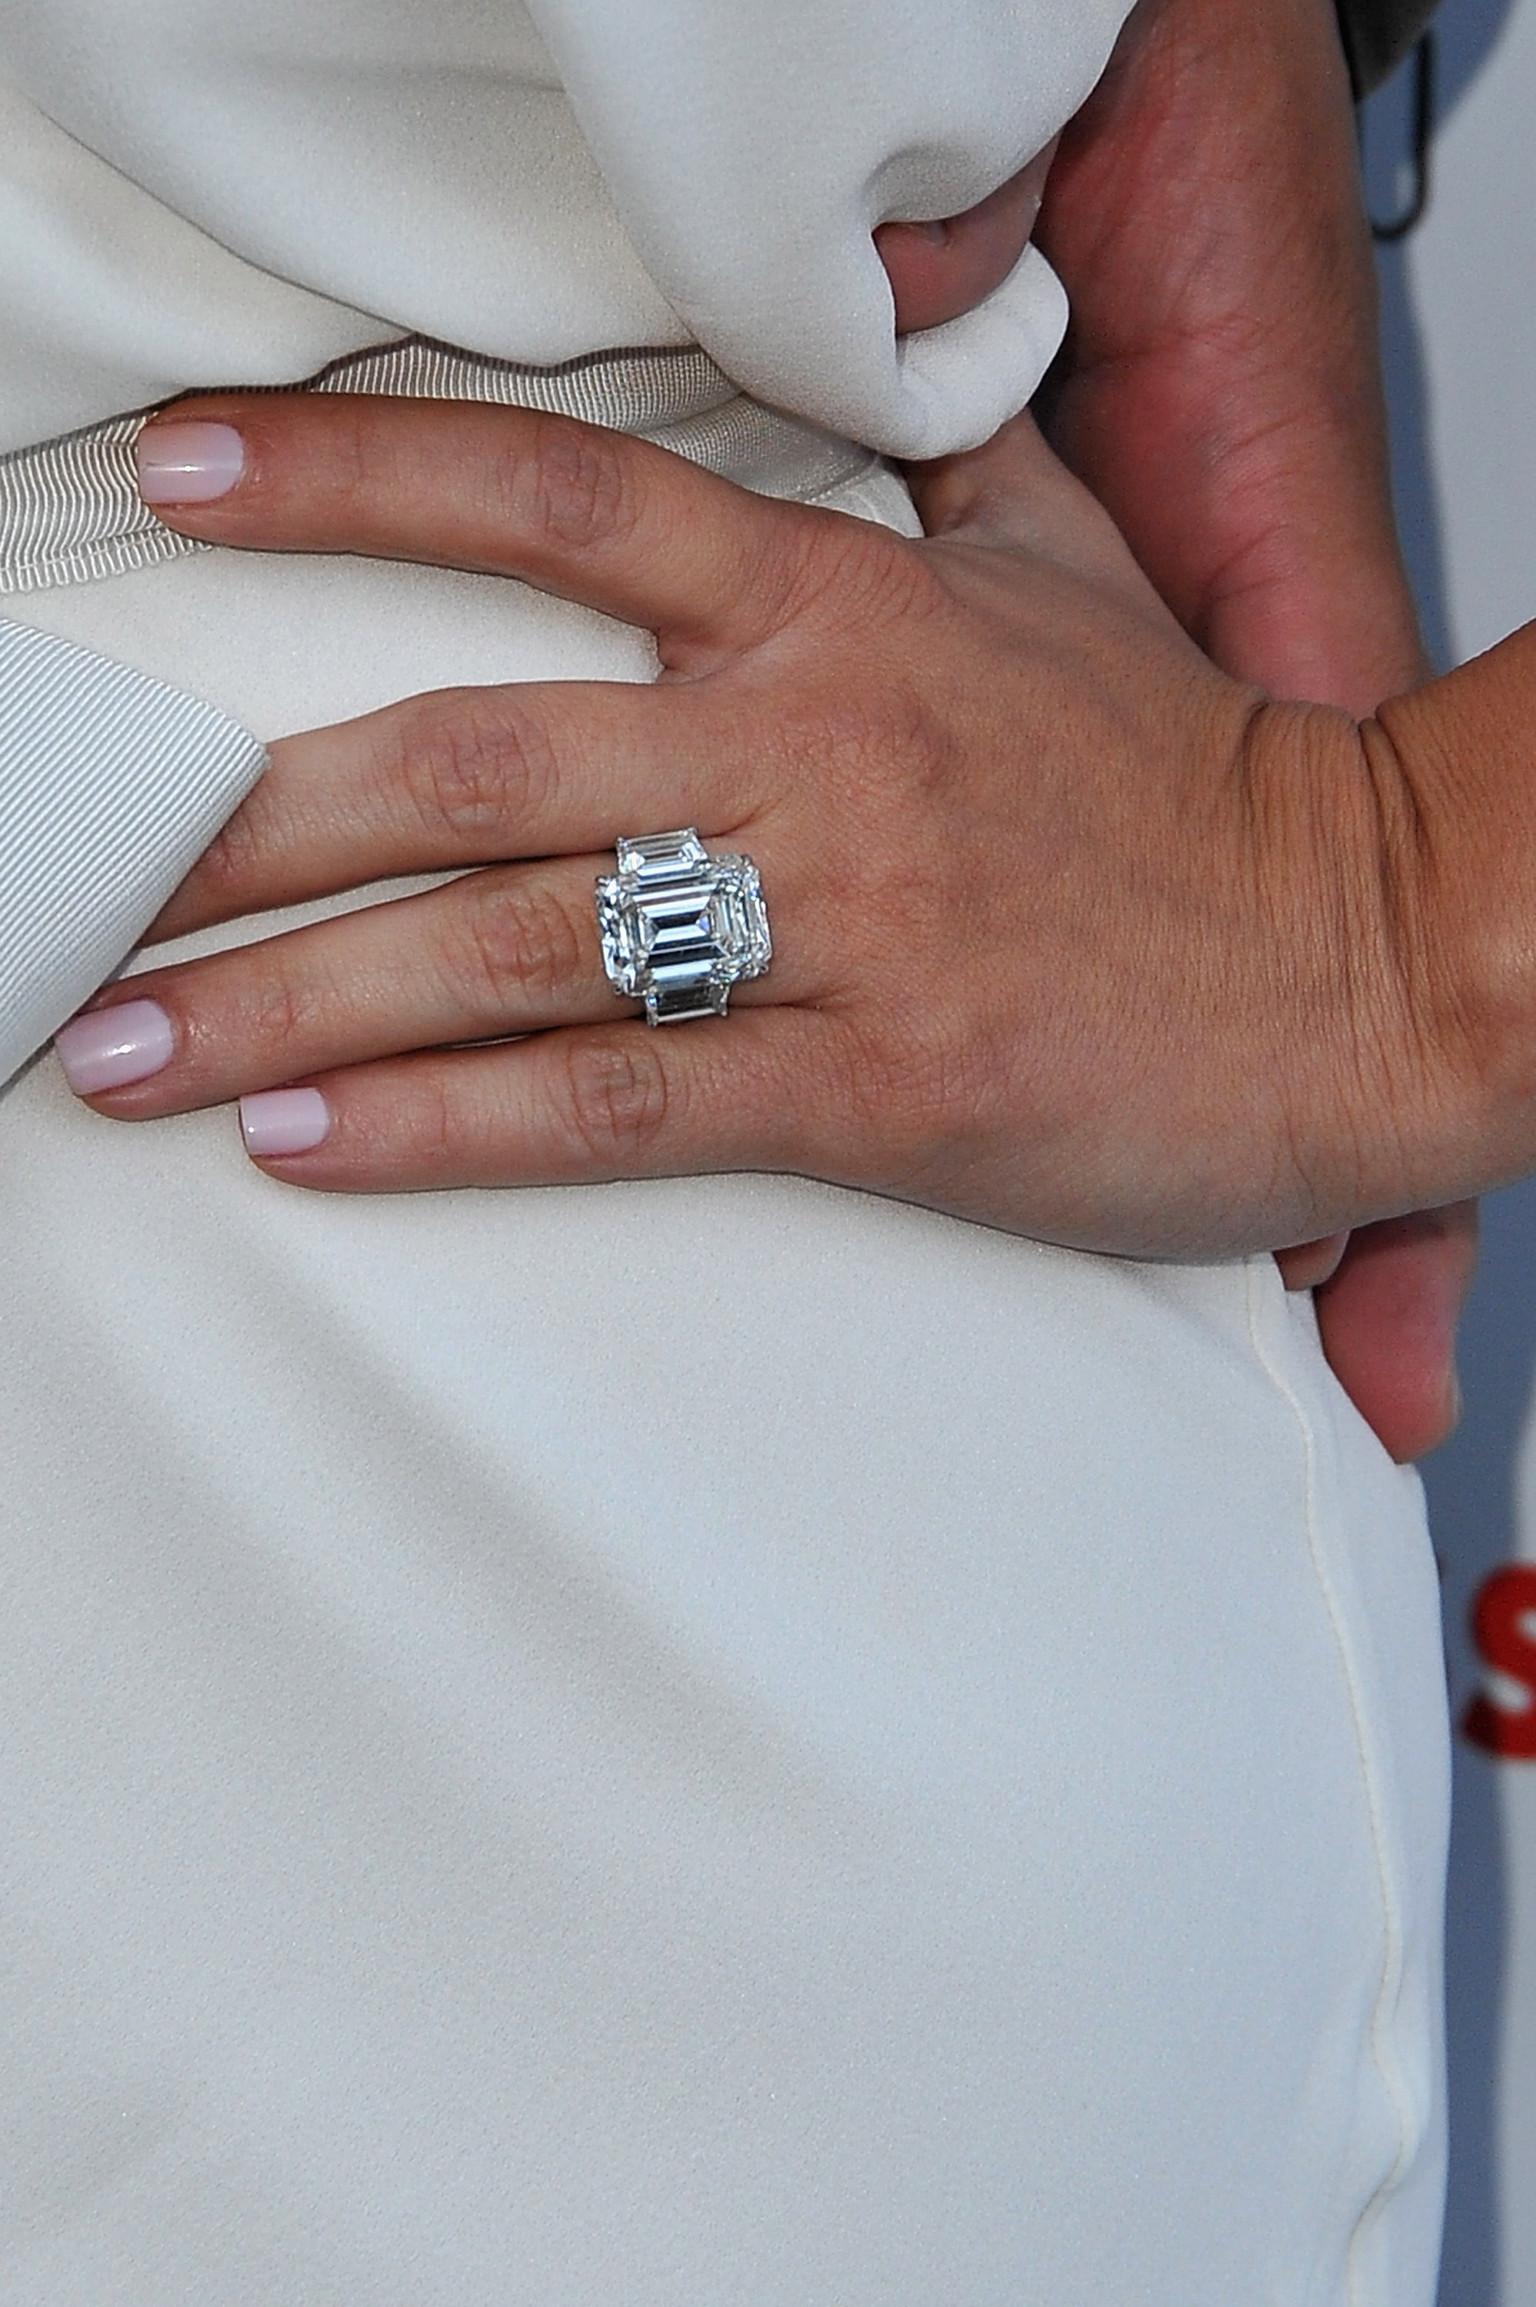 Kim Kardashian Divorce Saga Continues As Kris Humphries Auctions Off